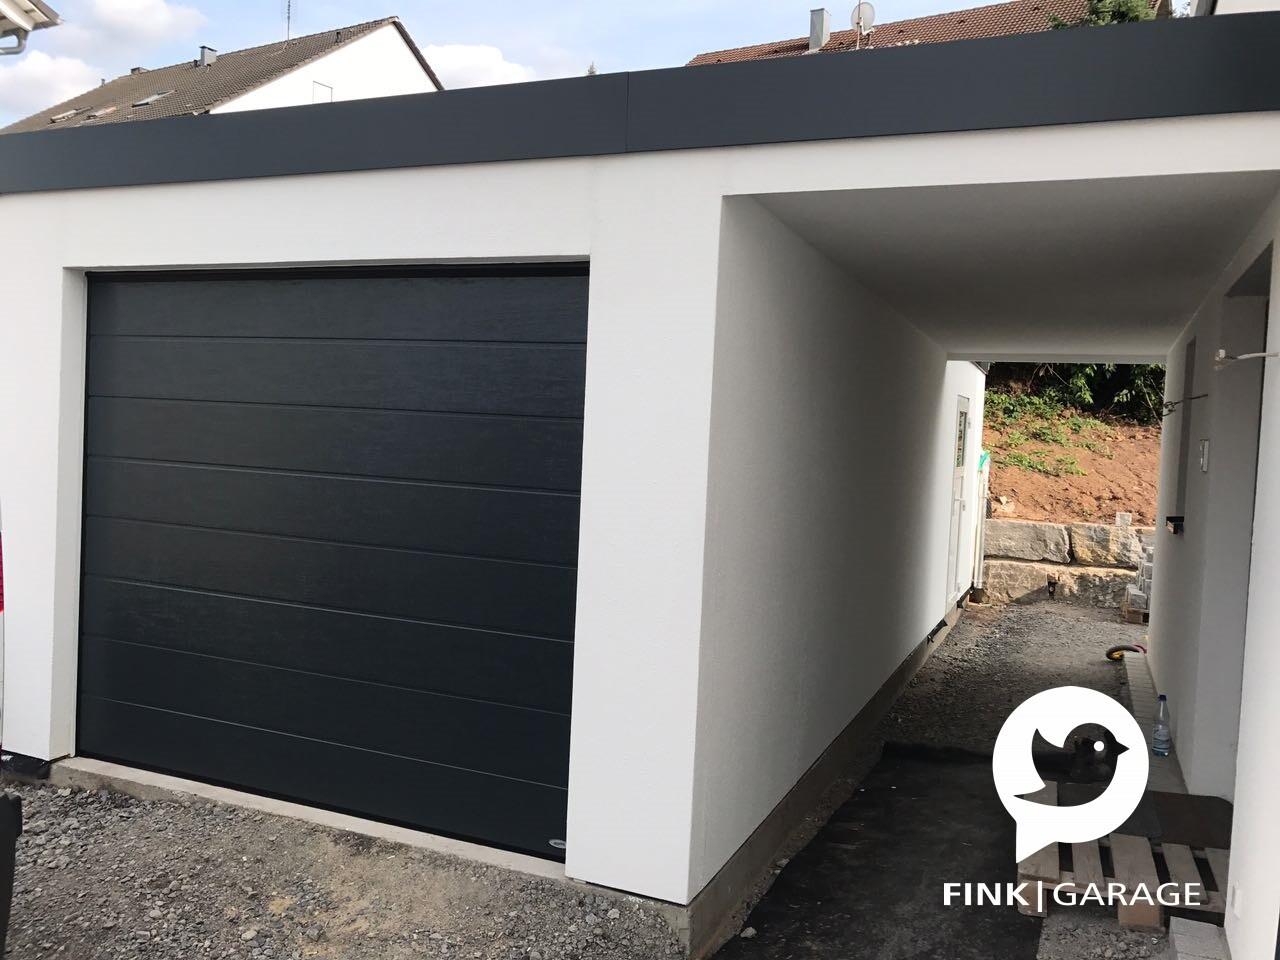 Moderne Garagen fink garage die smarte garage